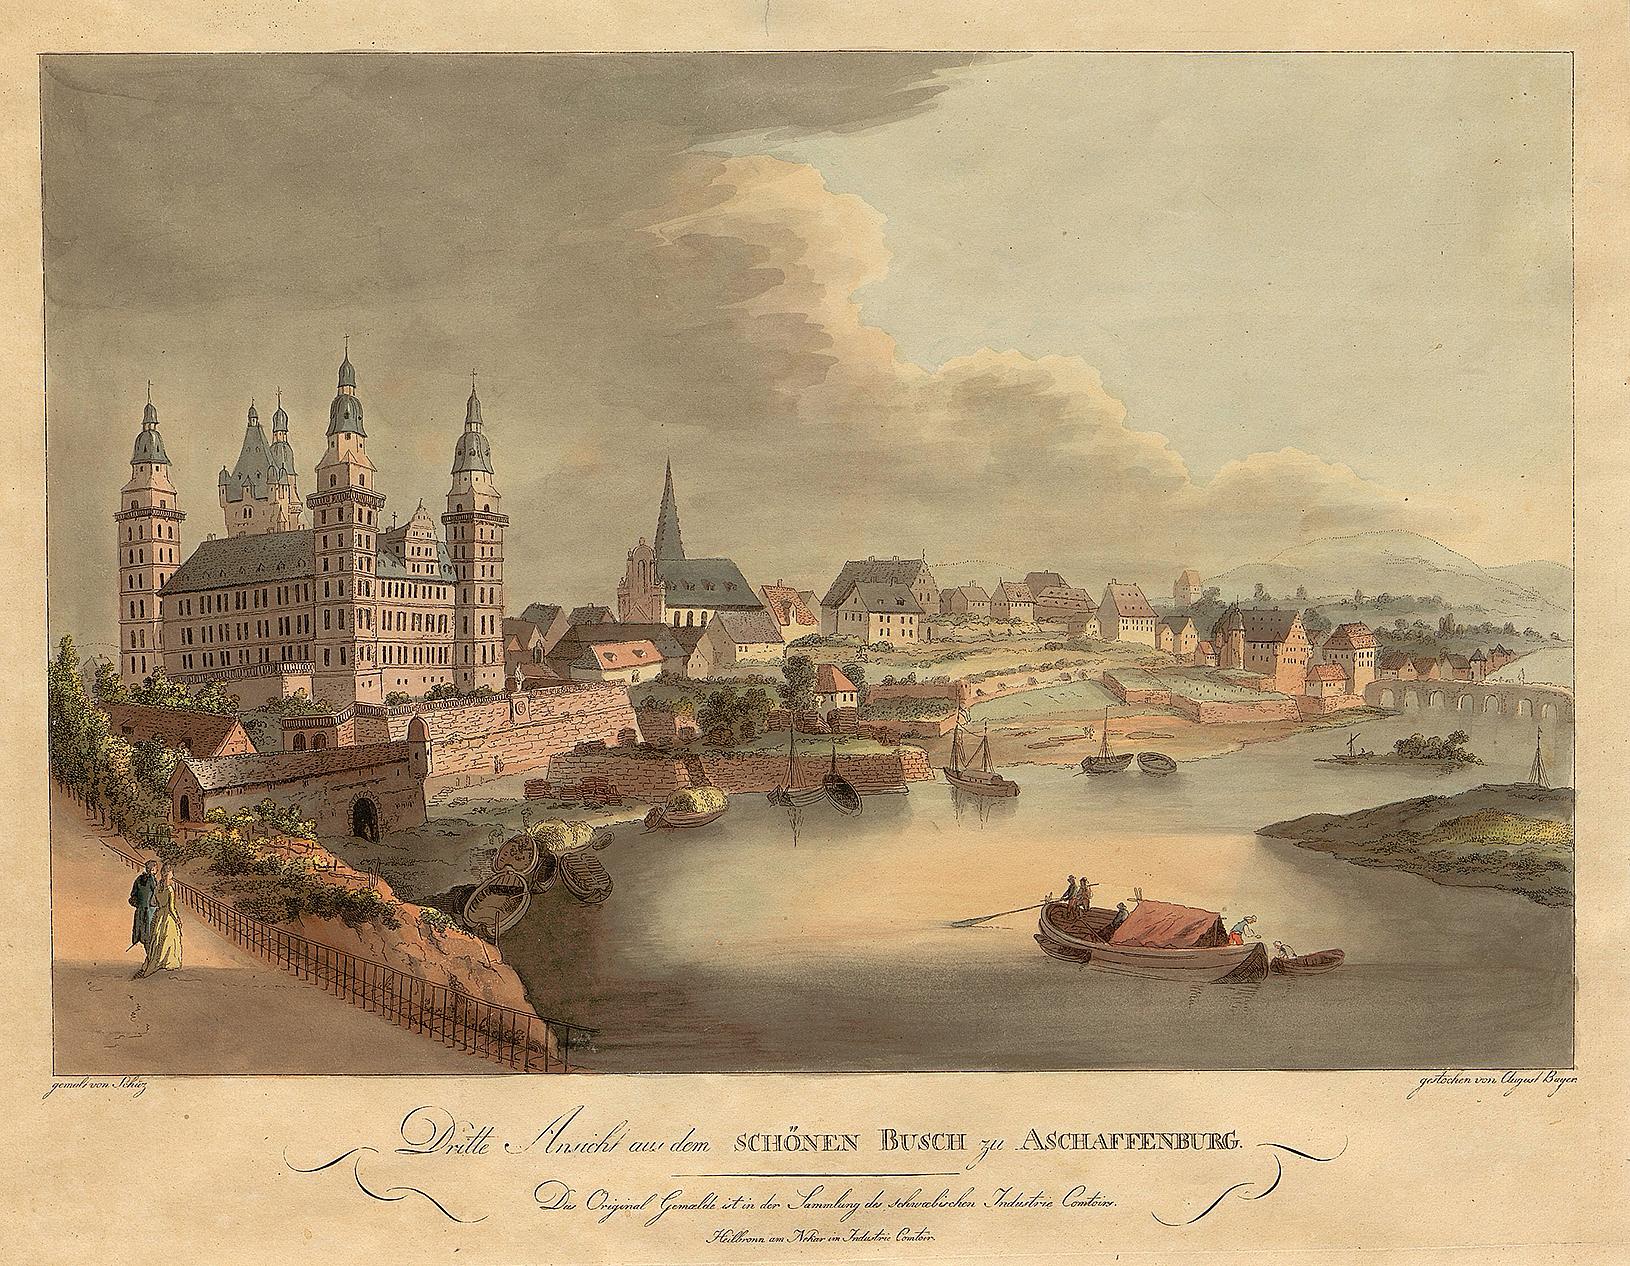 © A. Bayer nach einem Gemälde von C. G. Schüz, Schloss und Stadt Aschaffenburg, Kupferstich koloriert, um 1795. Stadt- und Stiftsarchiv Aschaffenburg, Grafische Sammlung